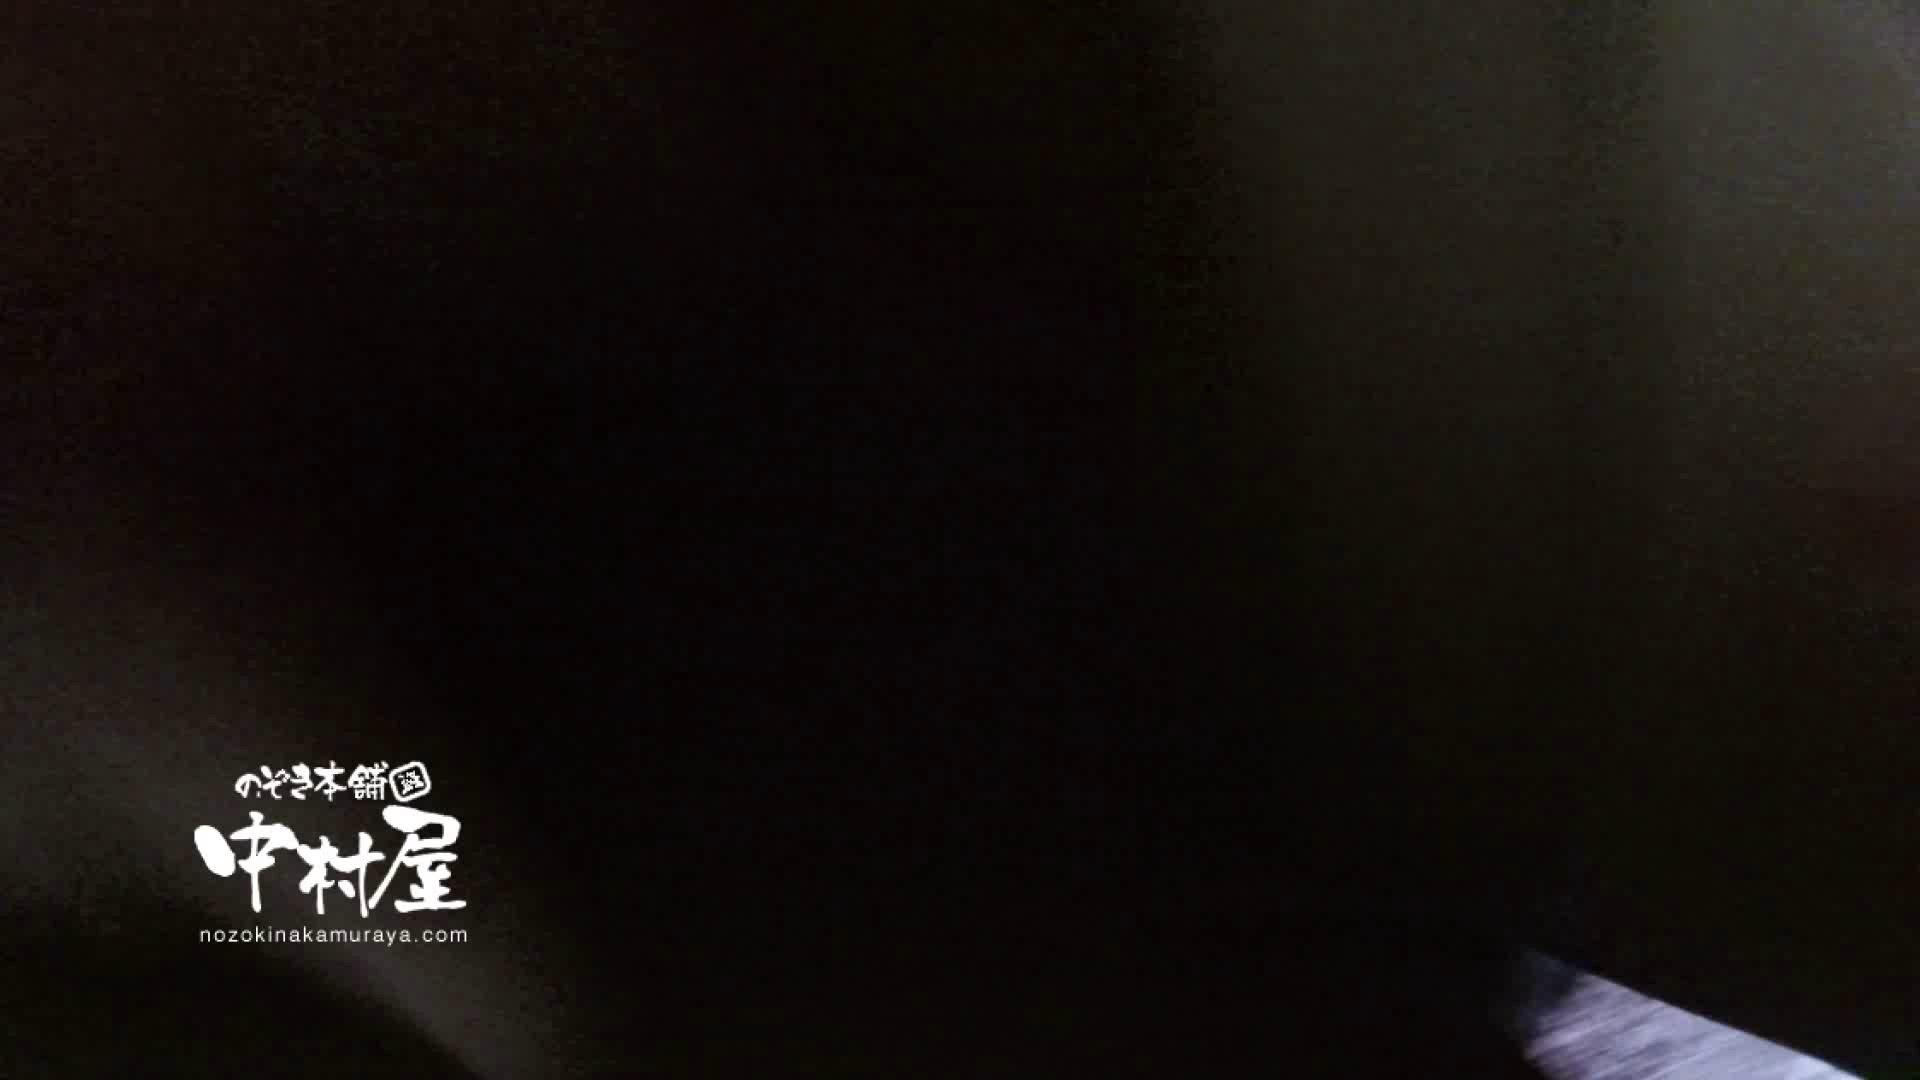 鬼畜 vol.12 剥ぎ取ったら色白でゴウモウだった 前編 OLセックス | 鬼畜  110画像 41